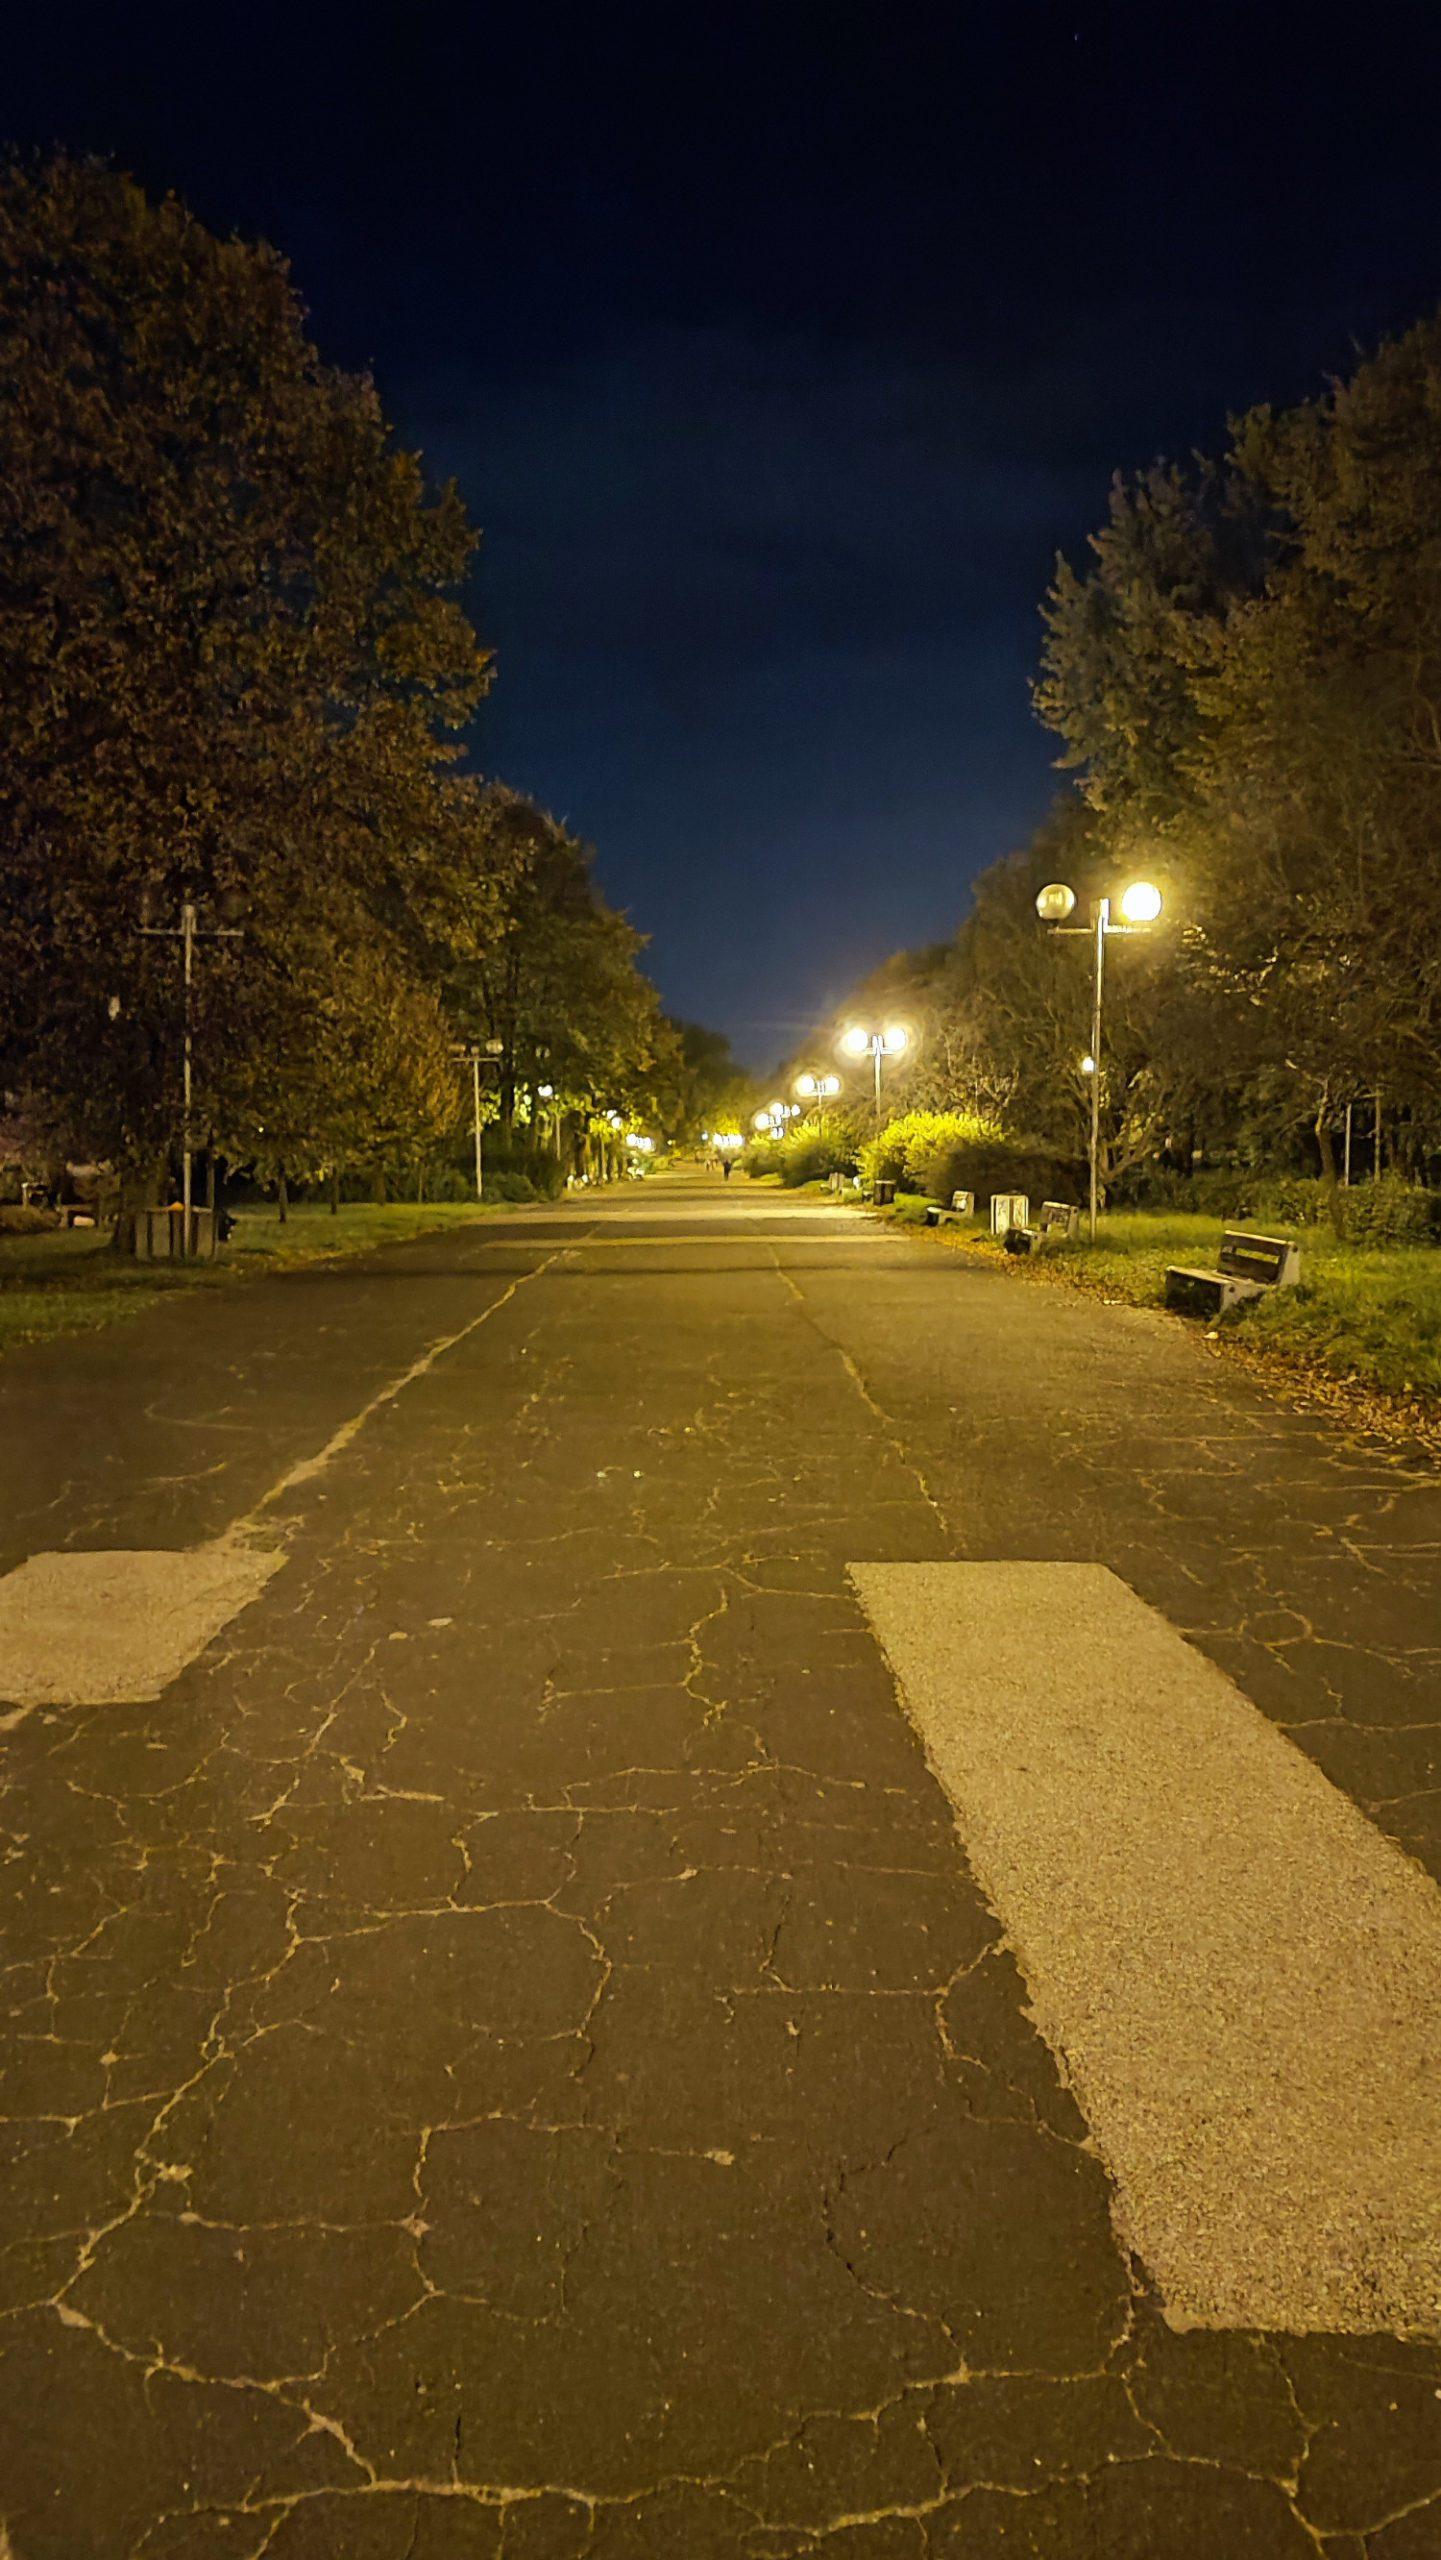 xiaomi 11t pro zdjęcie nocne drogi